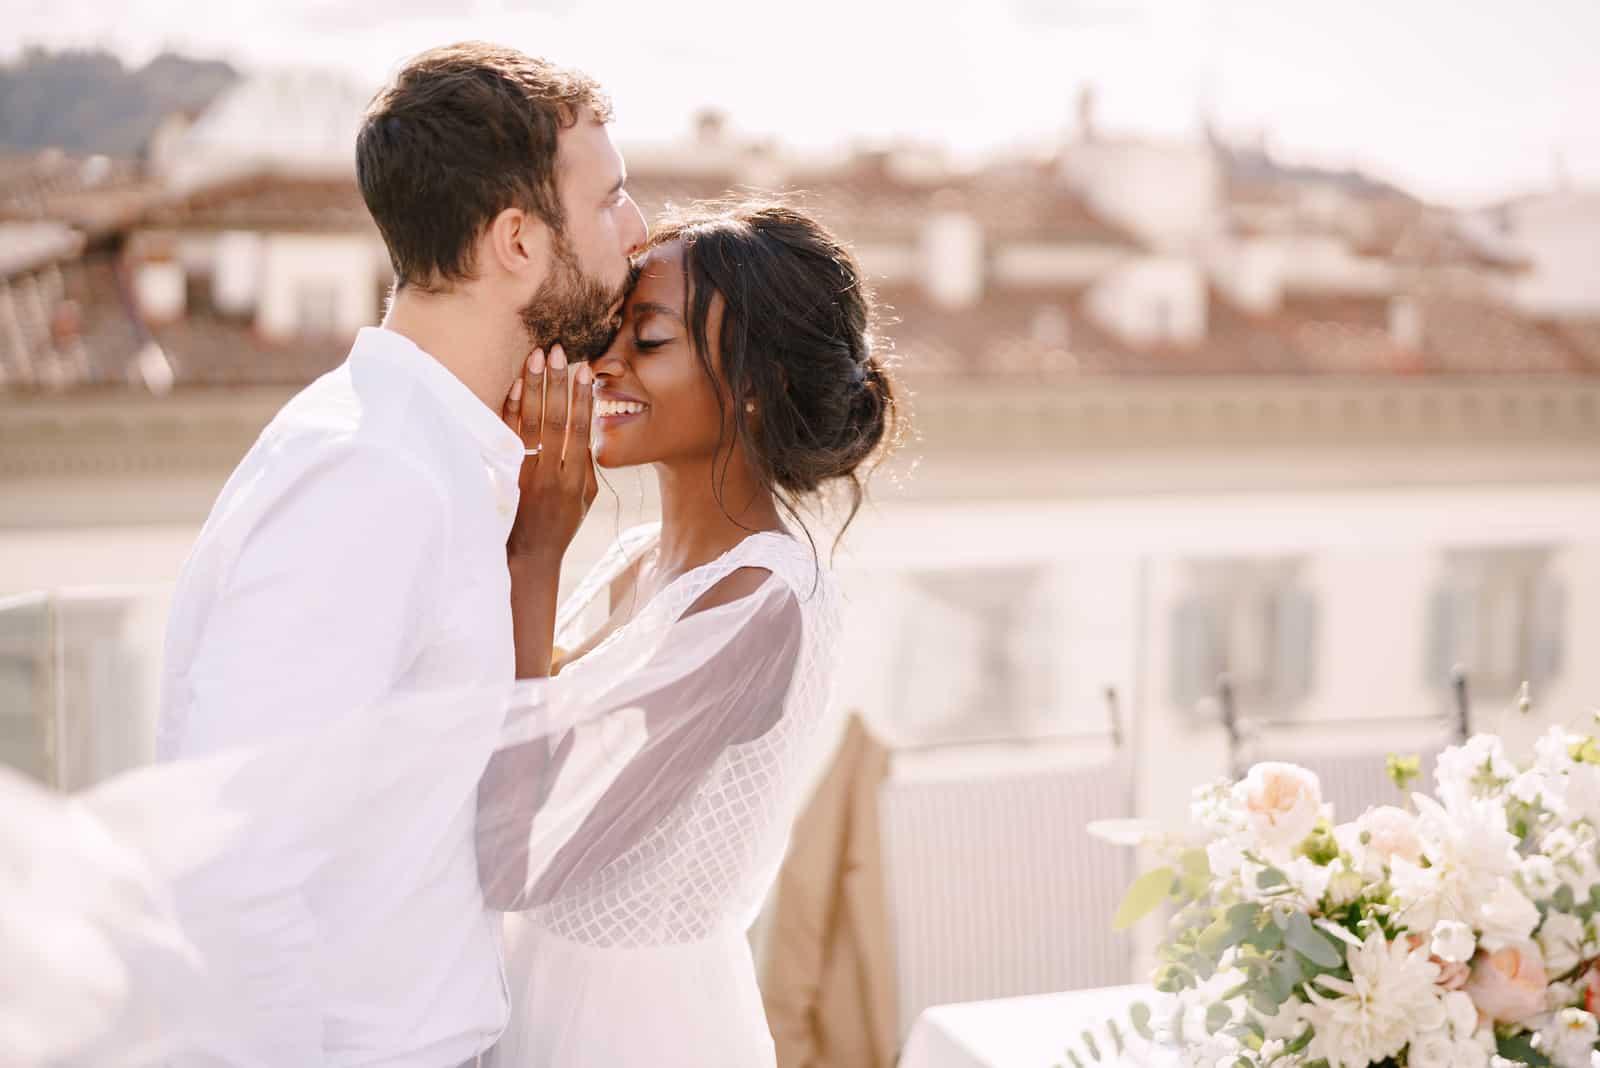 Bräutigam und Braut kuscheln auf einem Dach im Sonnenuntergangssonnenlicht